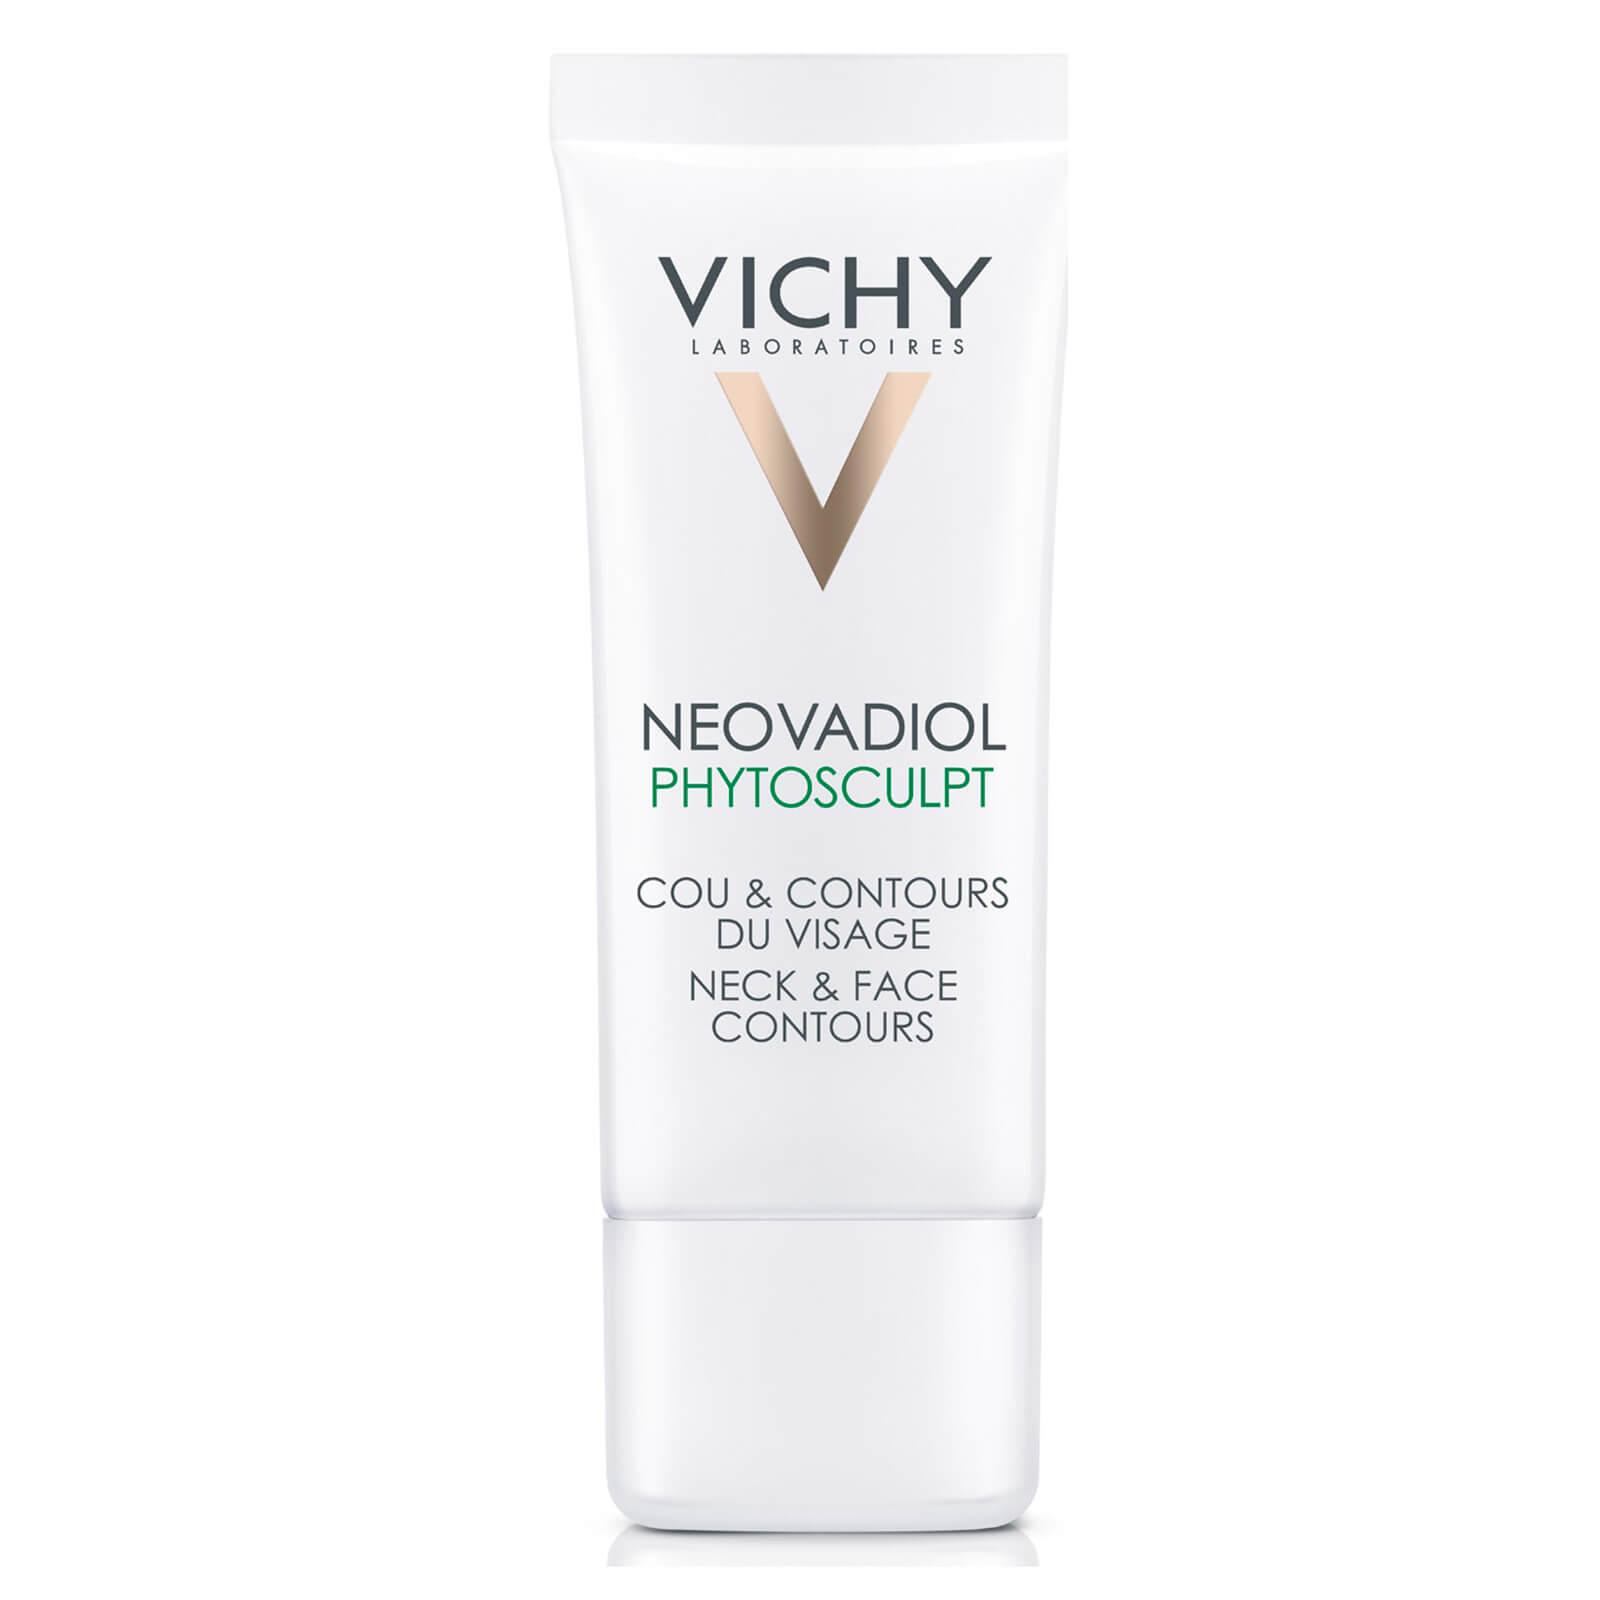 Crema para rostro y cuello Neovadiol Phytosculpt de Vichy